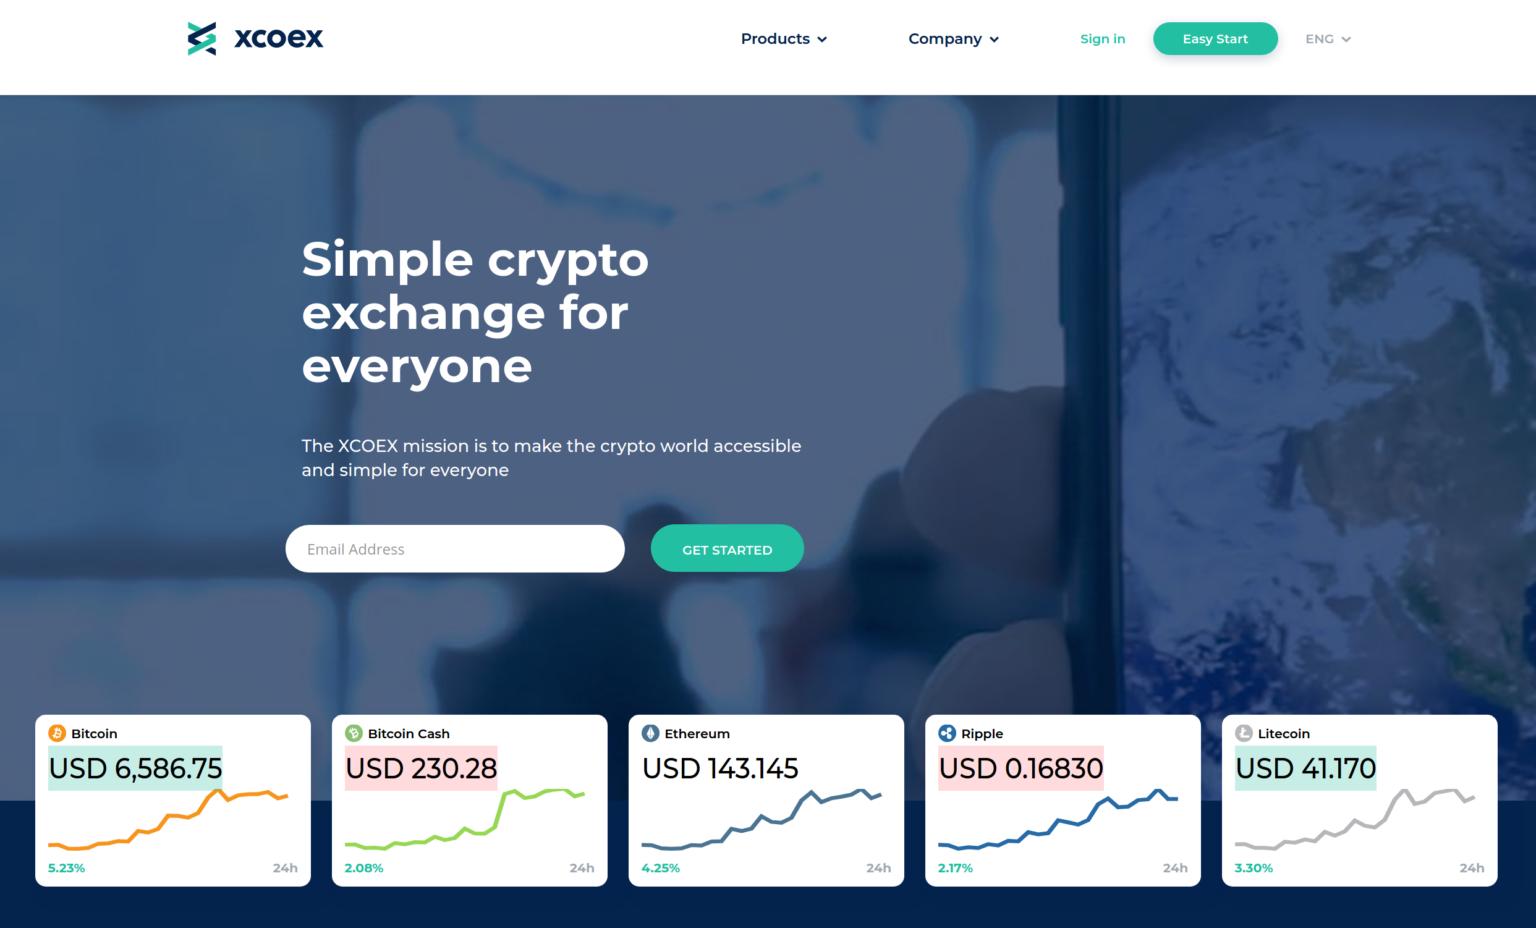 Giełda kryptowalut XCOEX | beincrypto.pl